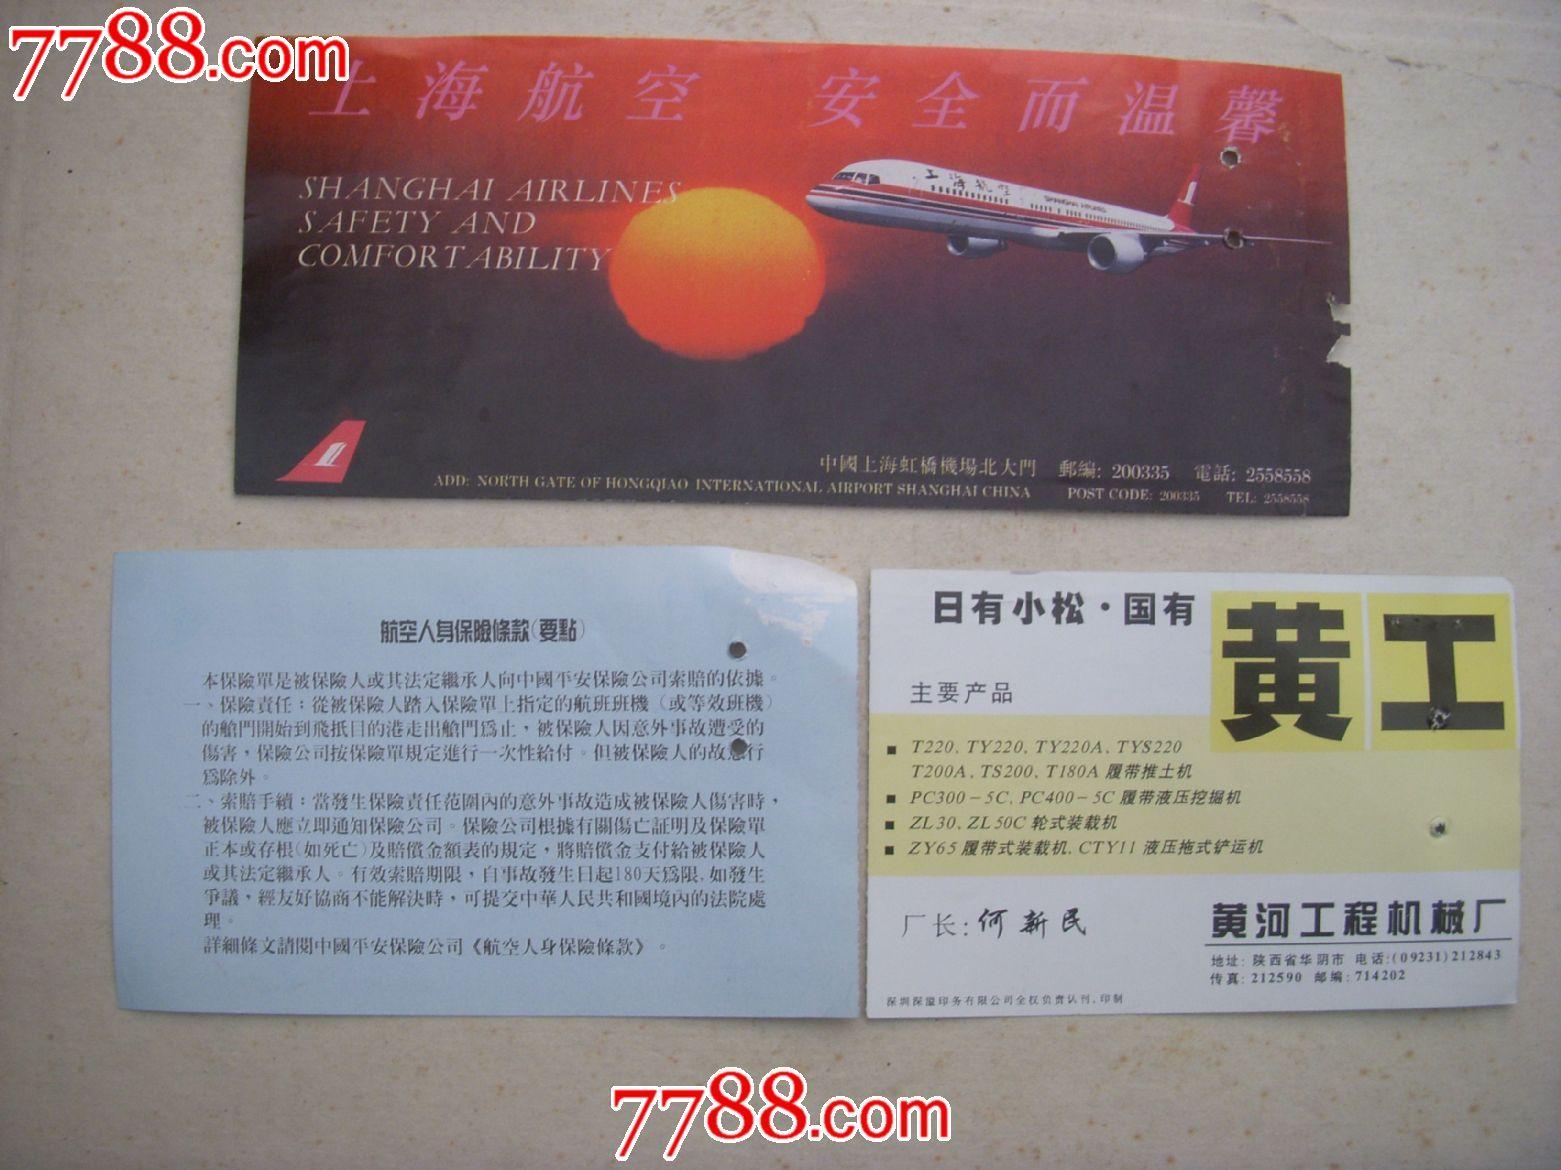 上海航空公司客票及行李票附航空人身保险单_飞机/票